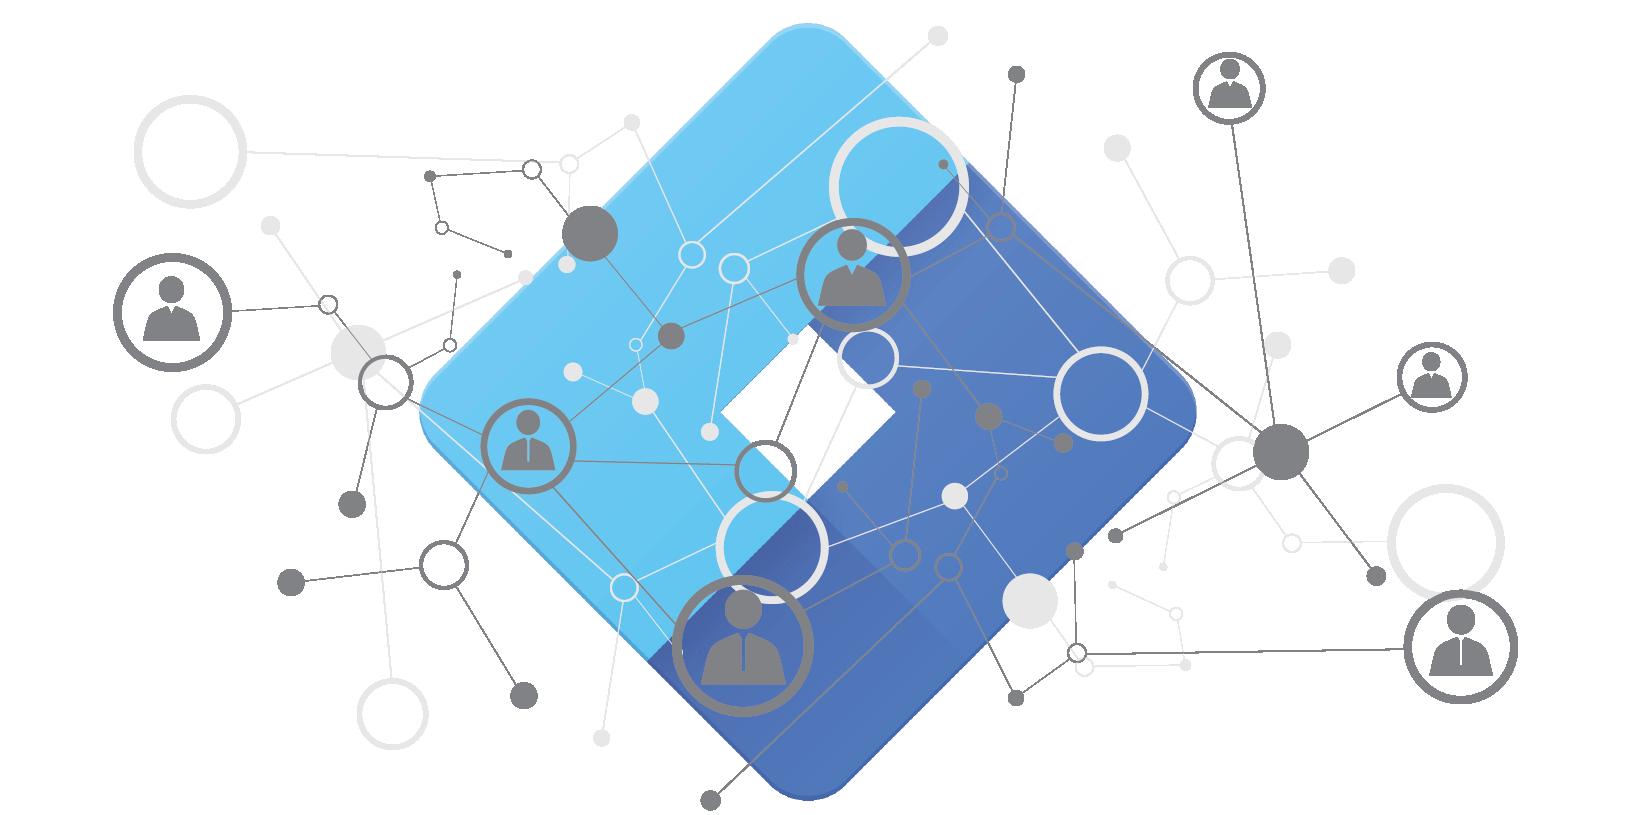 Walk-thru to granting privileges in Google Analytics